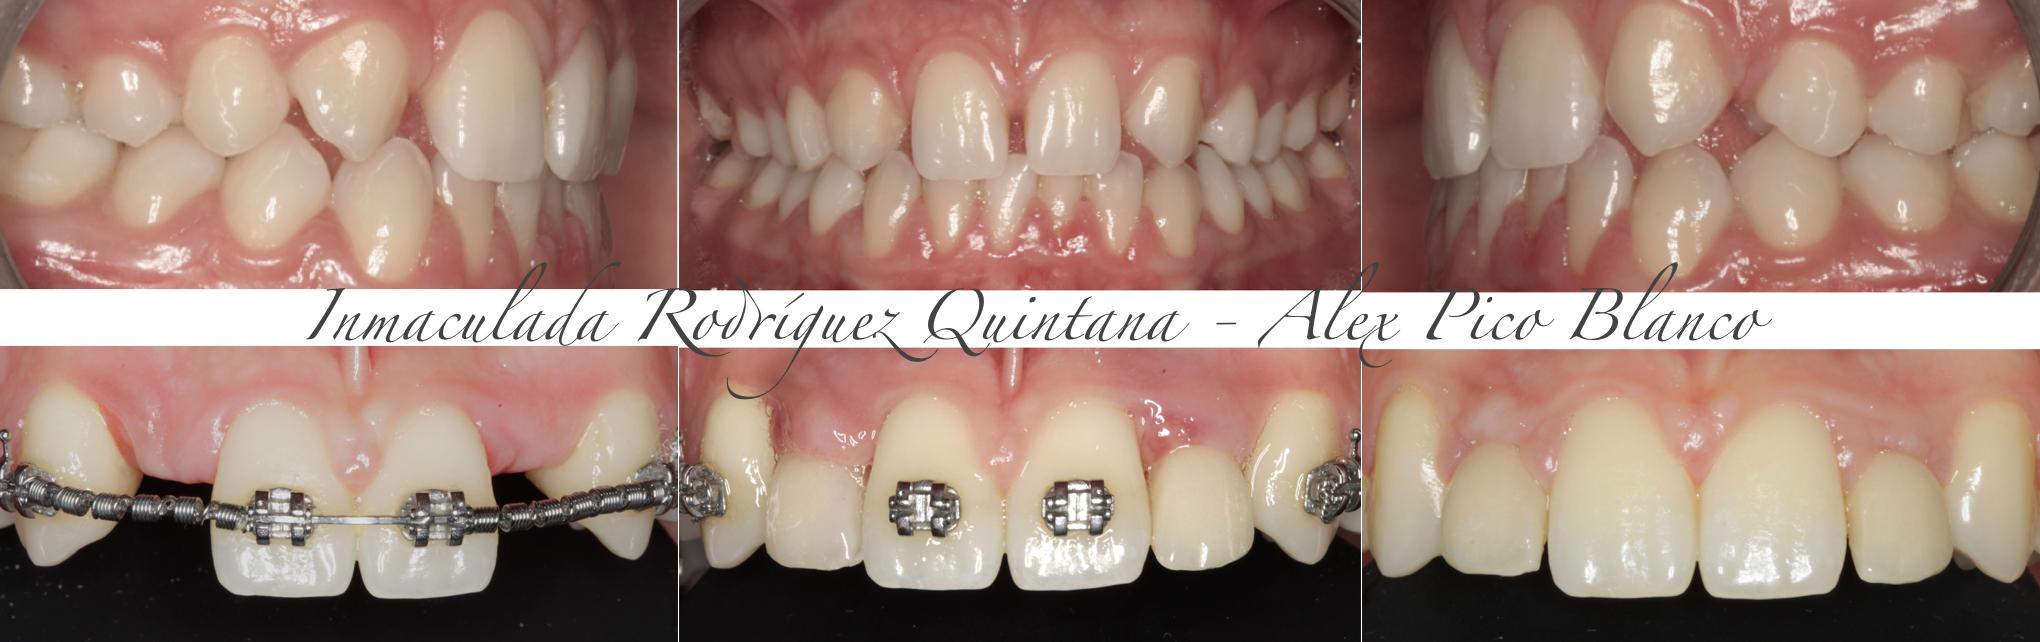 agenesia permanente de la dentición